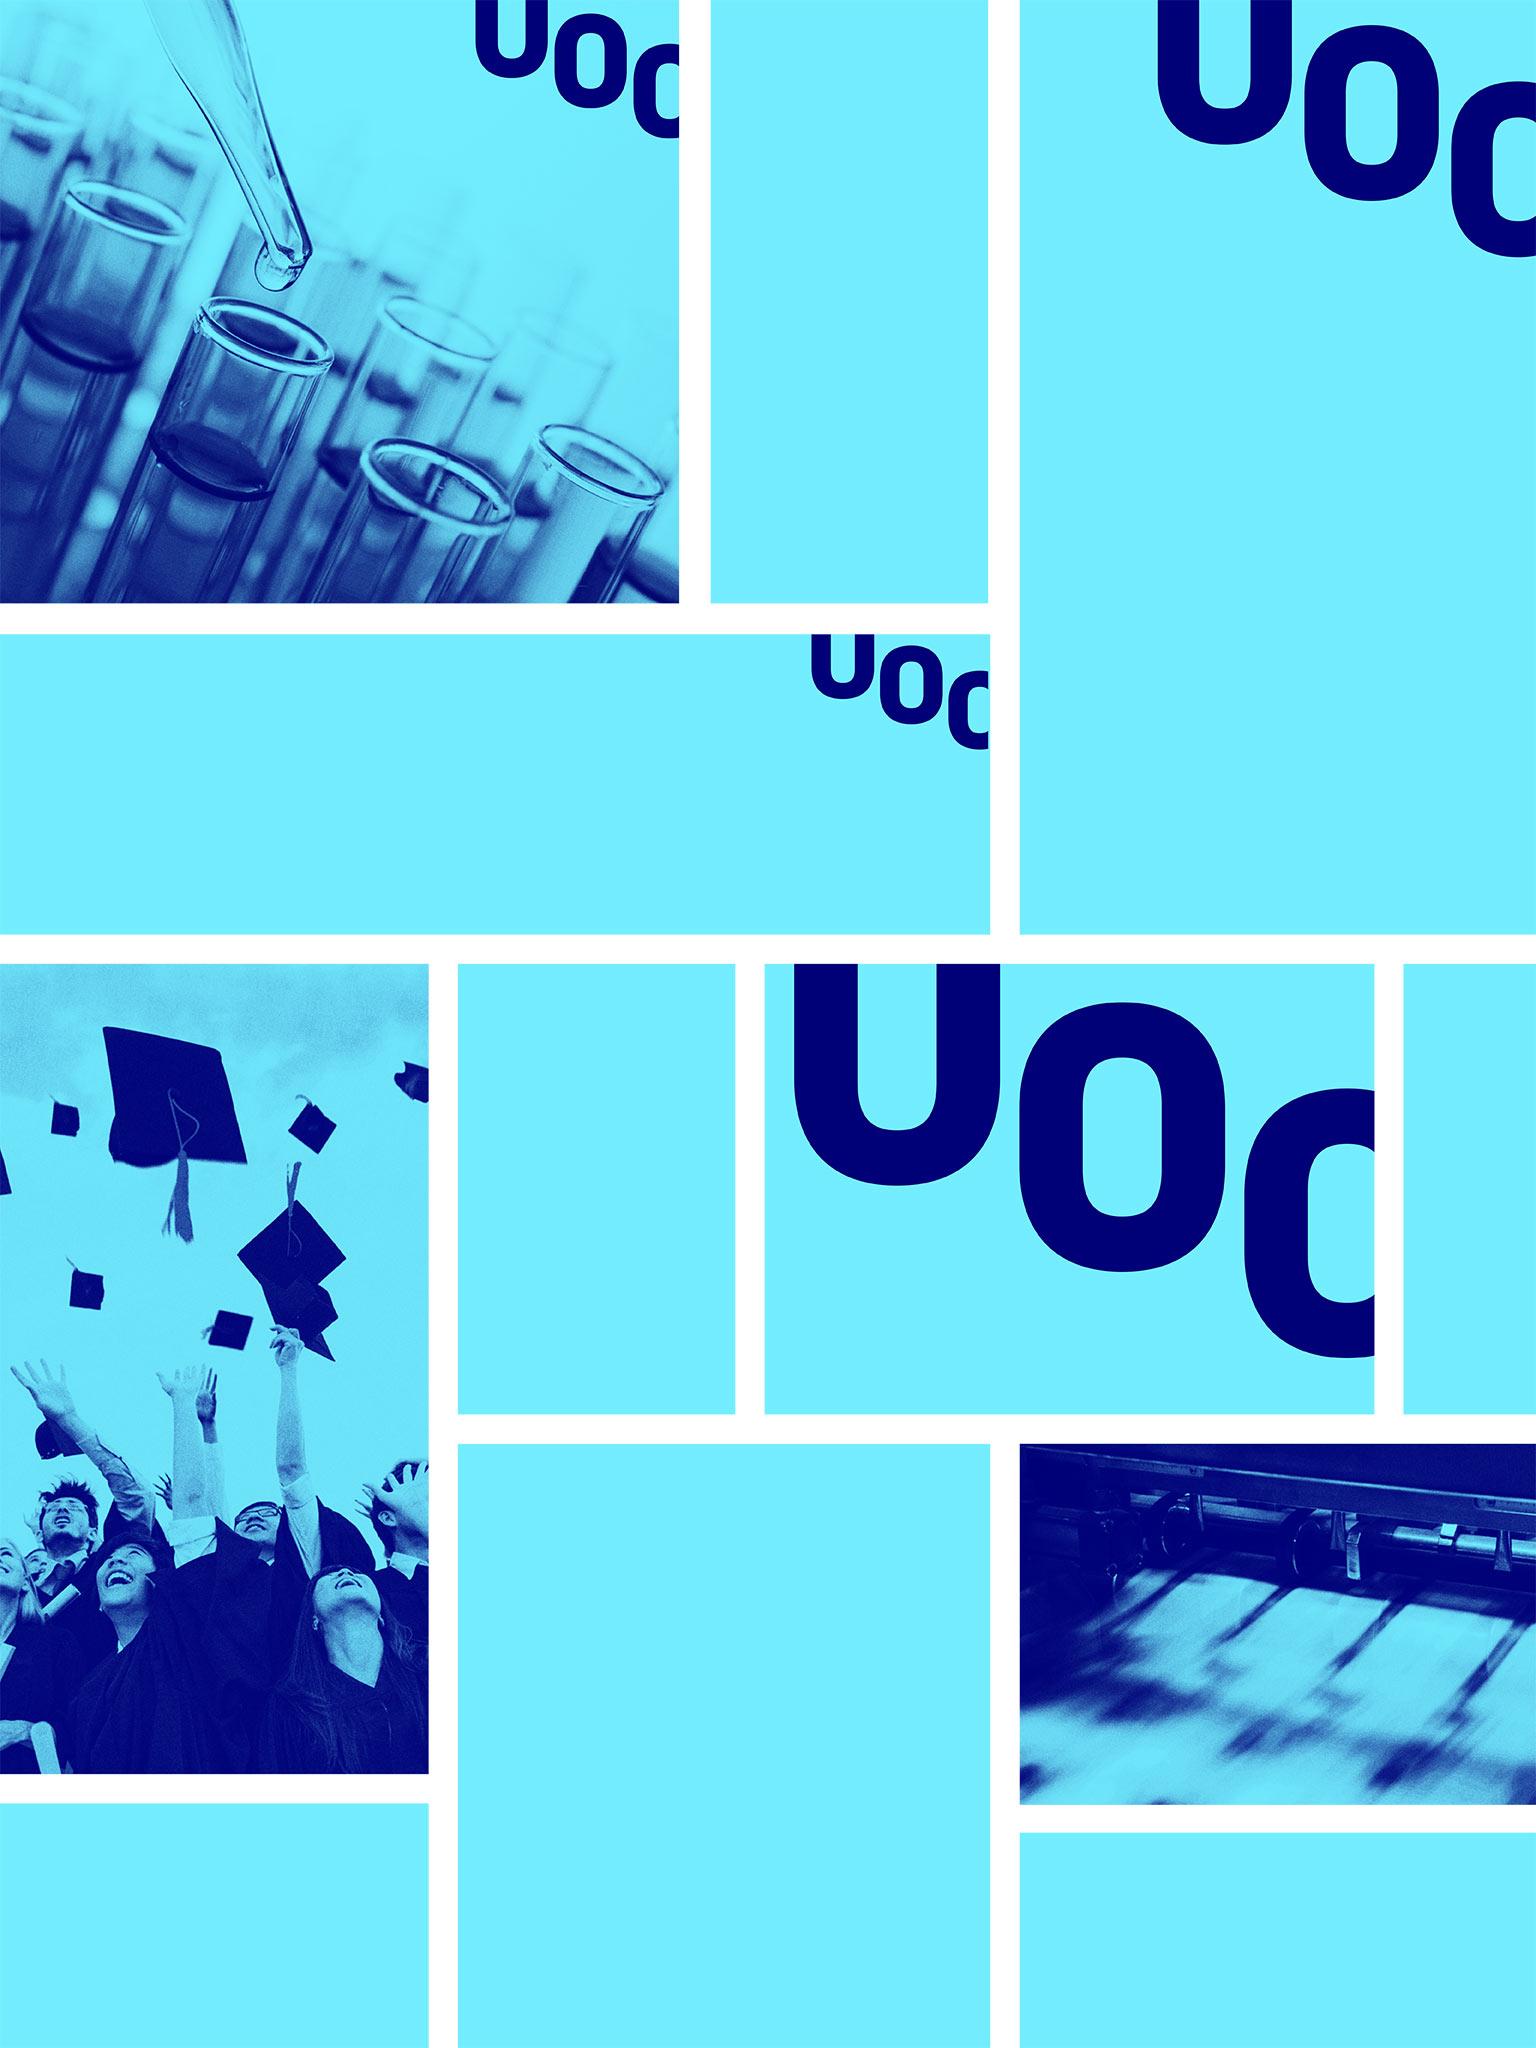 UOC Brand — Flexibility